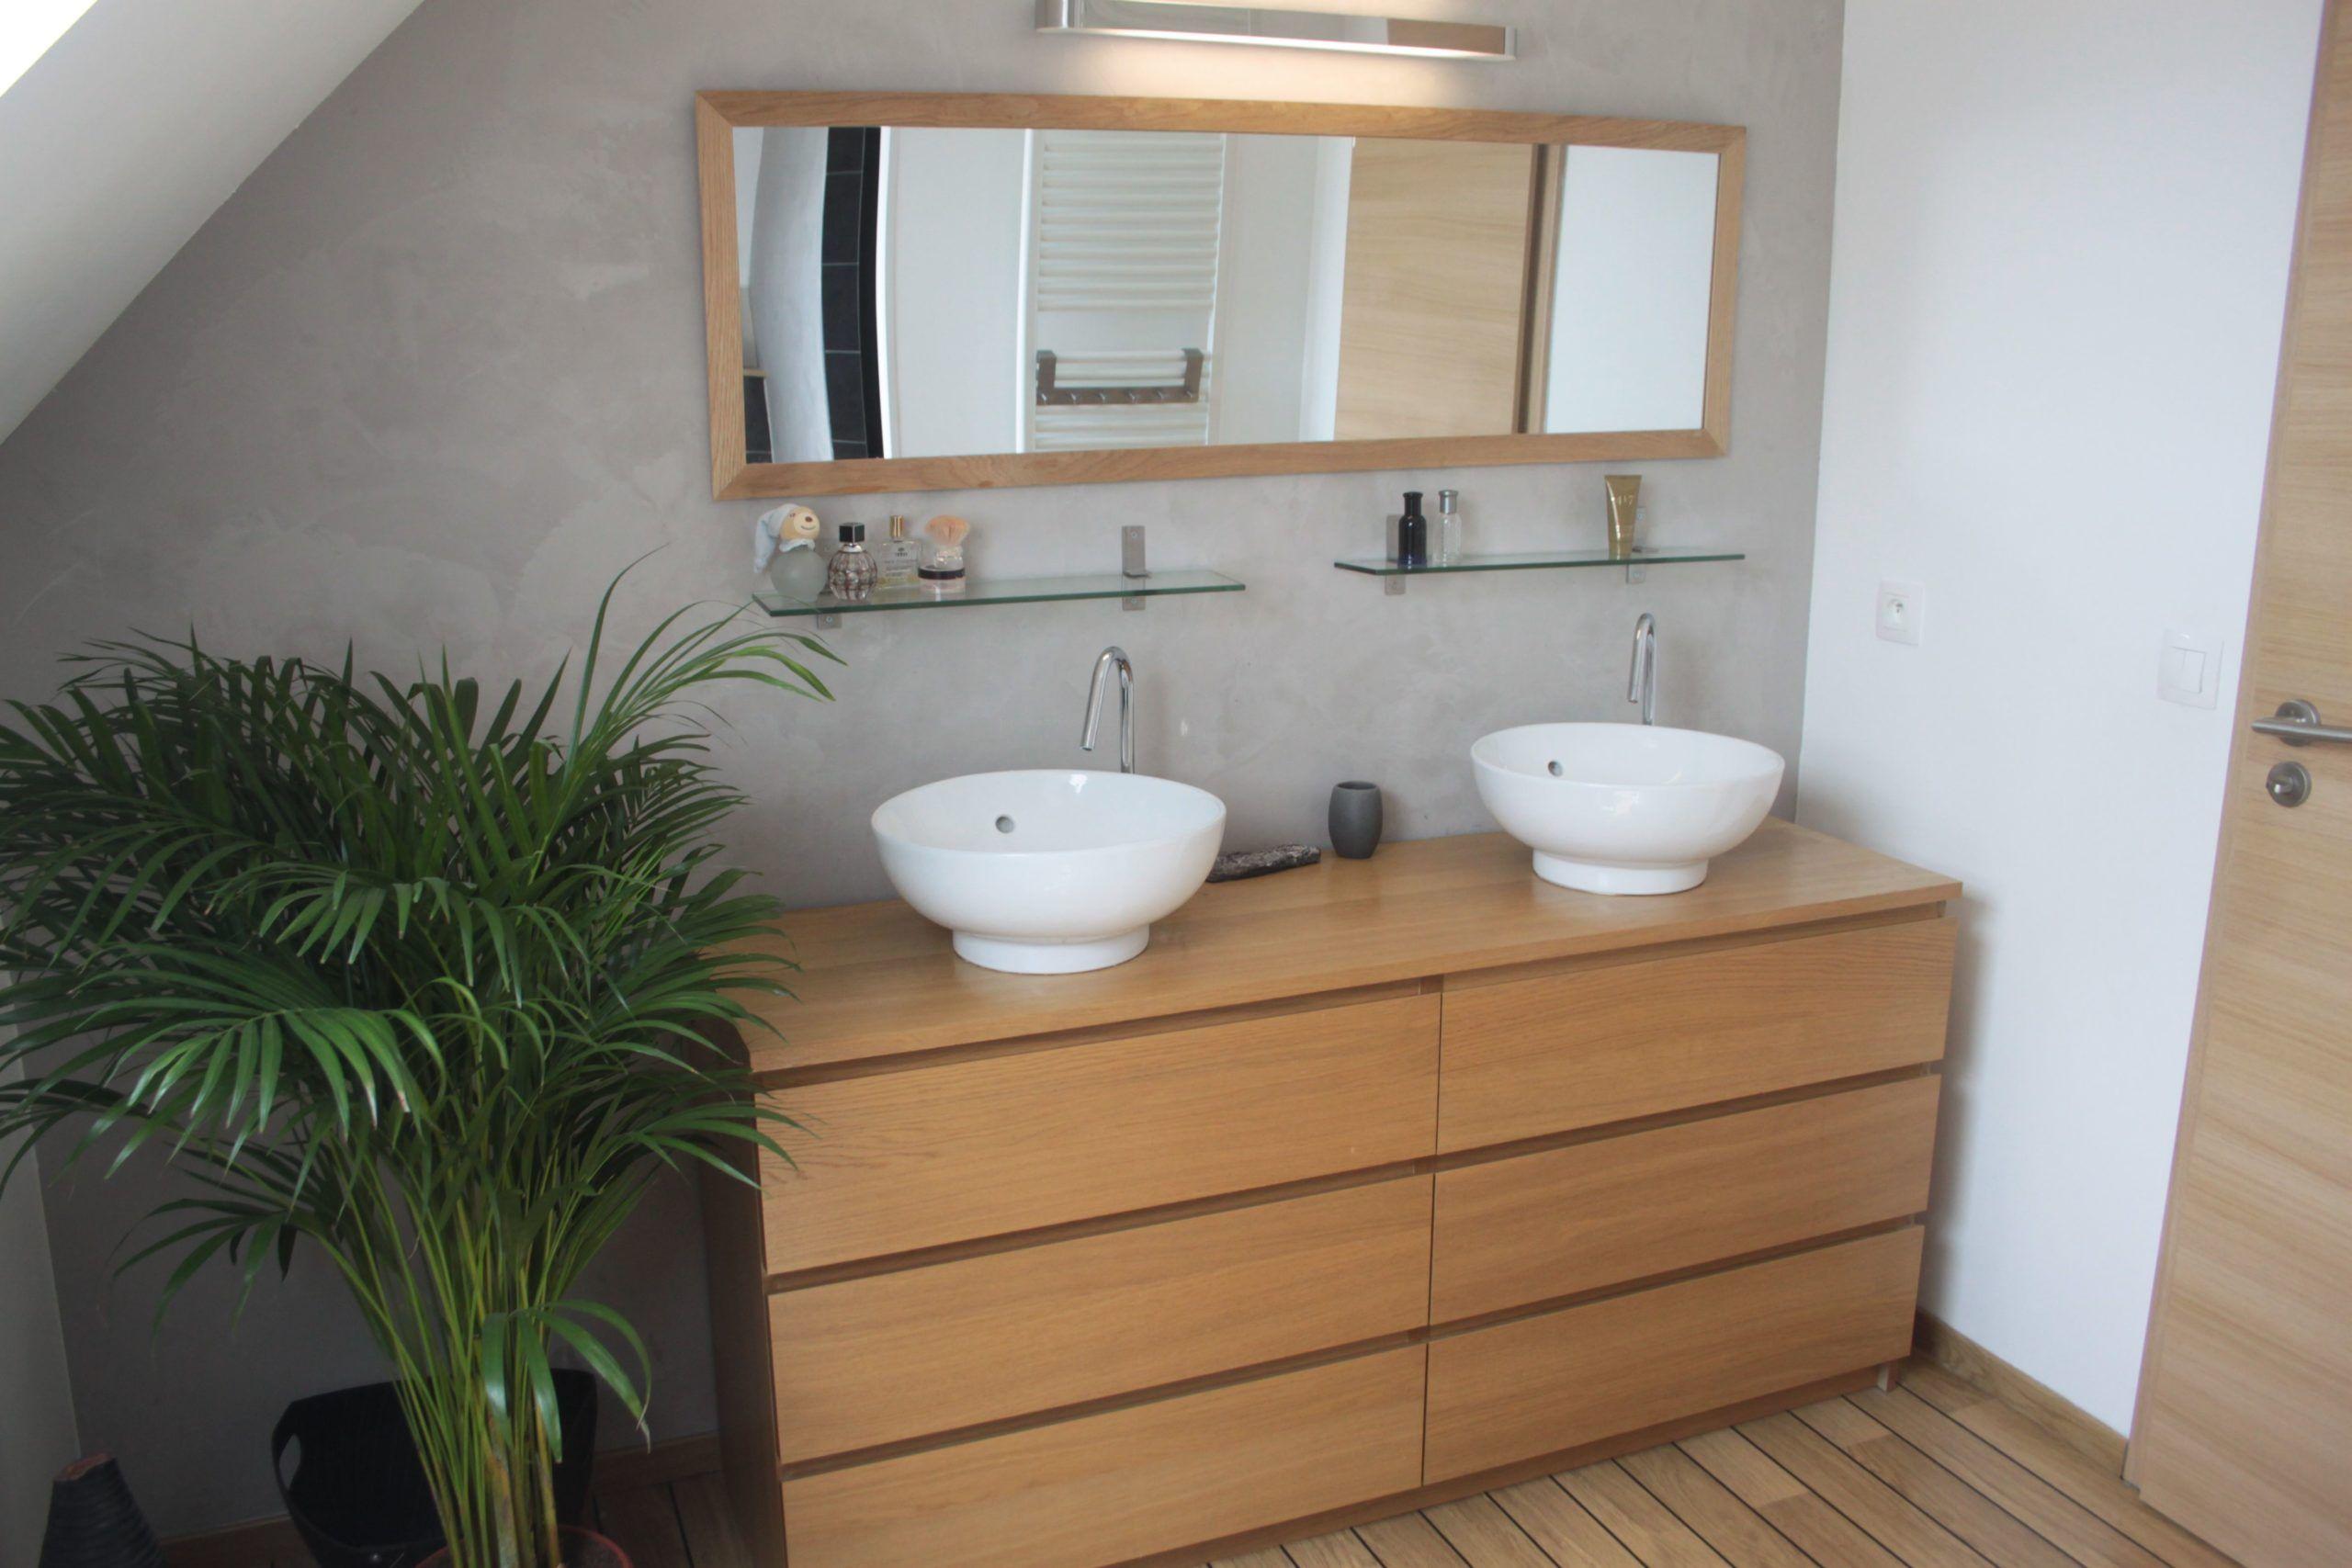 Hemnes Spiegelschrank 1 Tur Weiss Ikea Deutschland Spiegelschrank Badezimmer Badezimmerideen